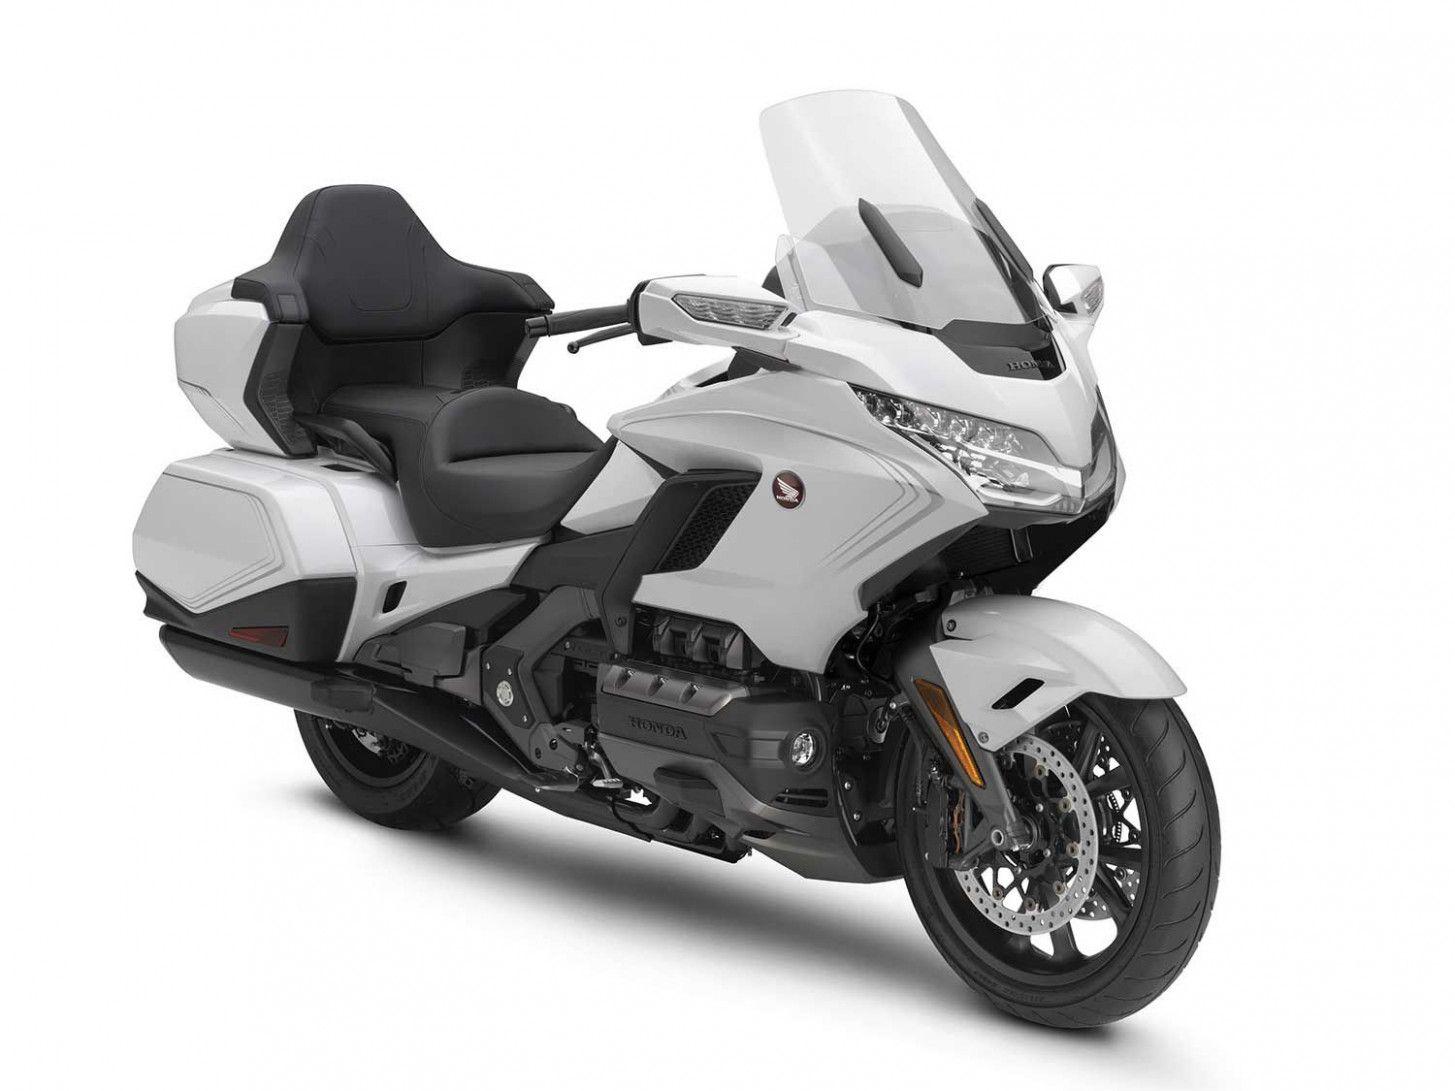 2020 Honda Motorcycle Rumors In 2020 Honda Honda Motorcycle Goldwing